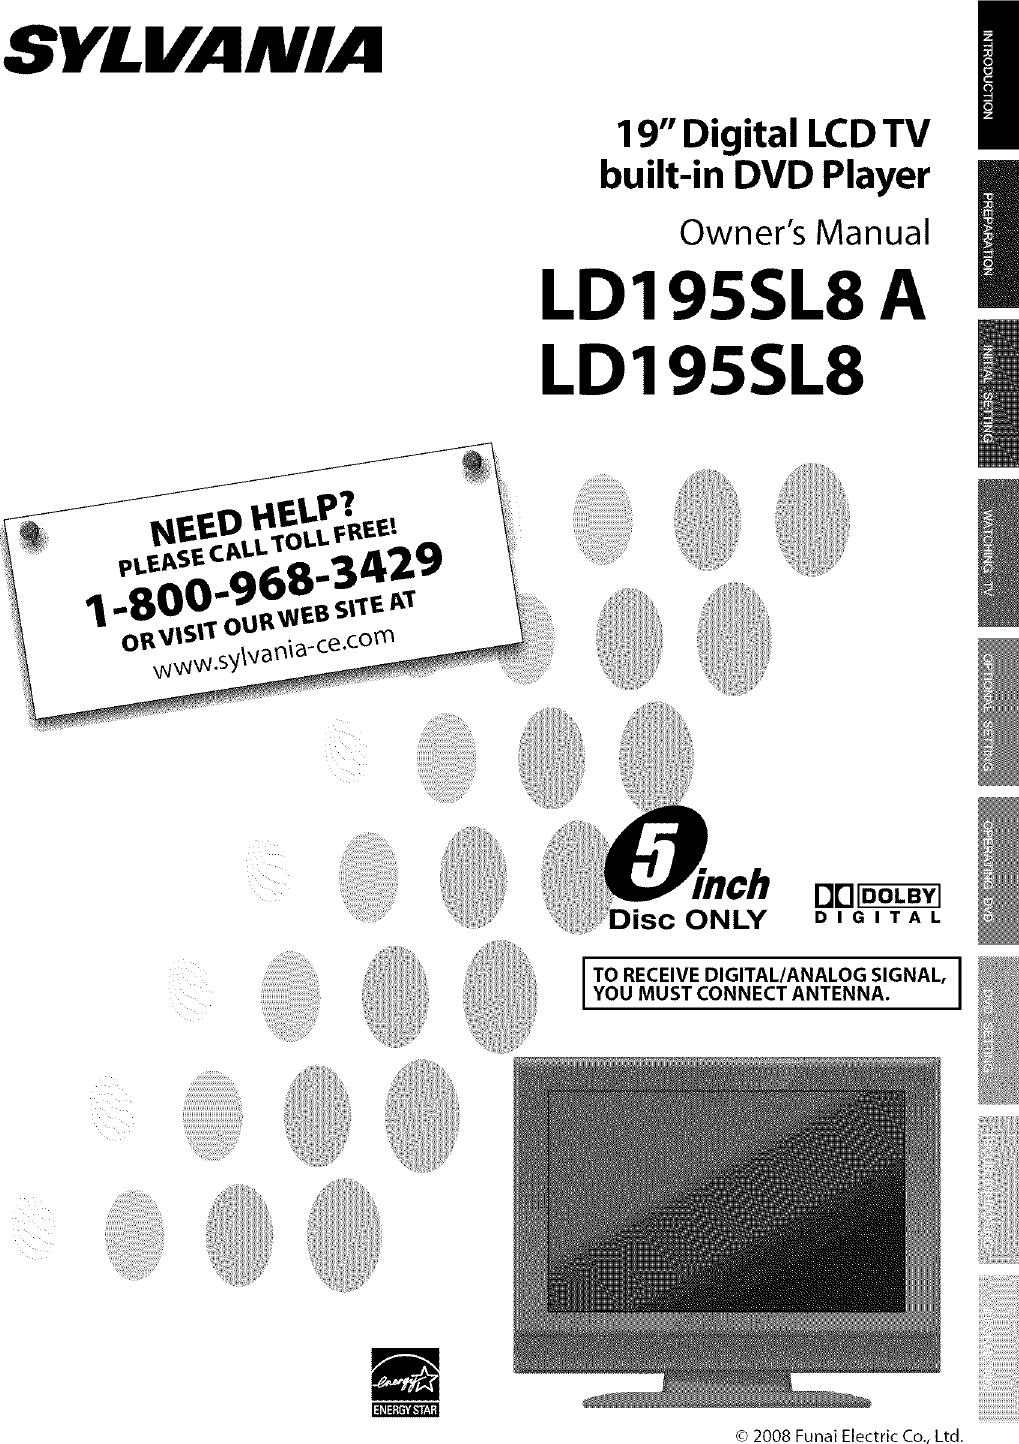 sylvania ld195sl8 user manual lcd television dvd manuals and guides rh usermanual wiki Funai DVD Recorder Funai SV2000